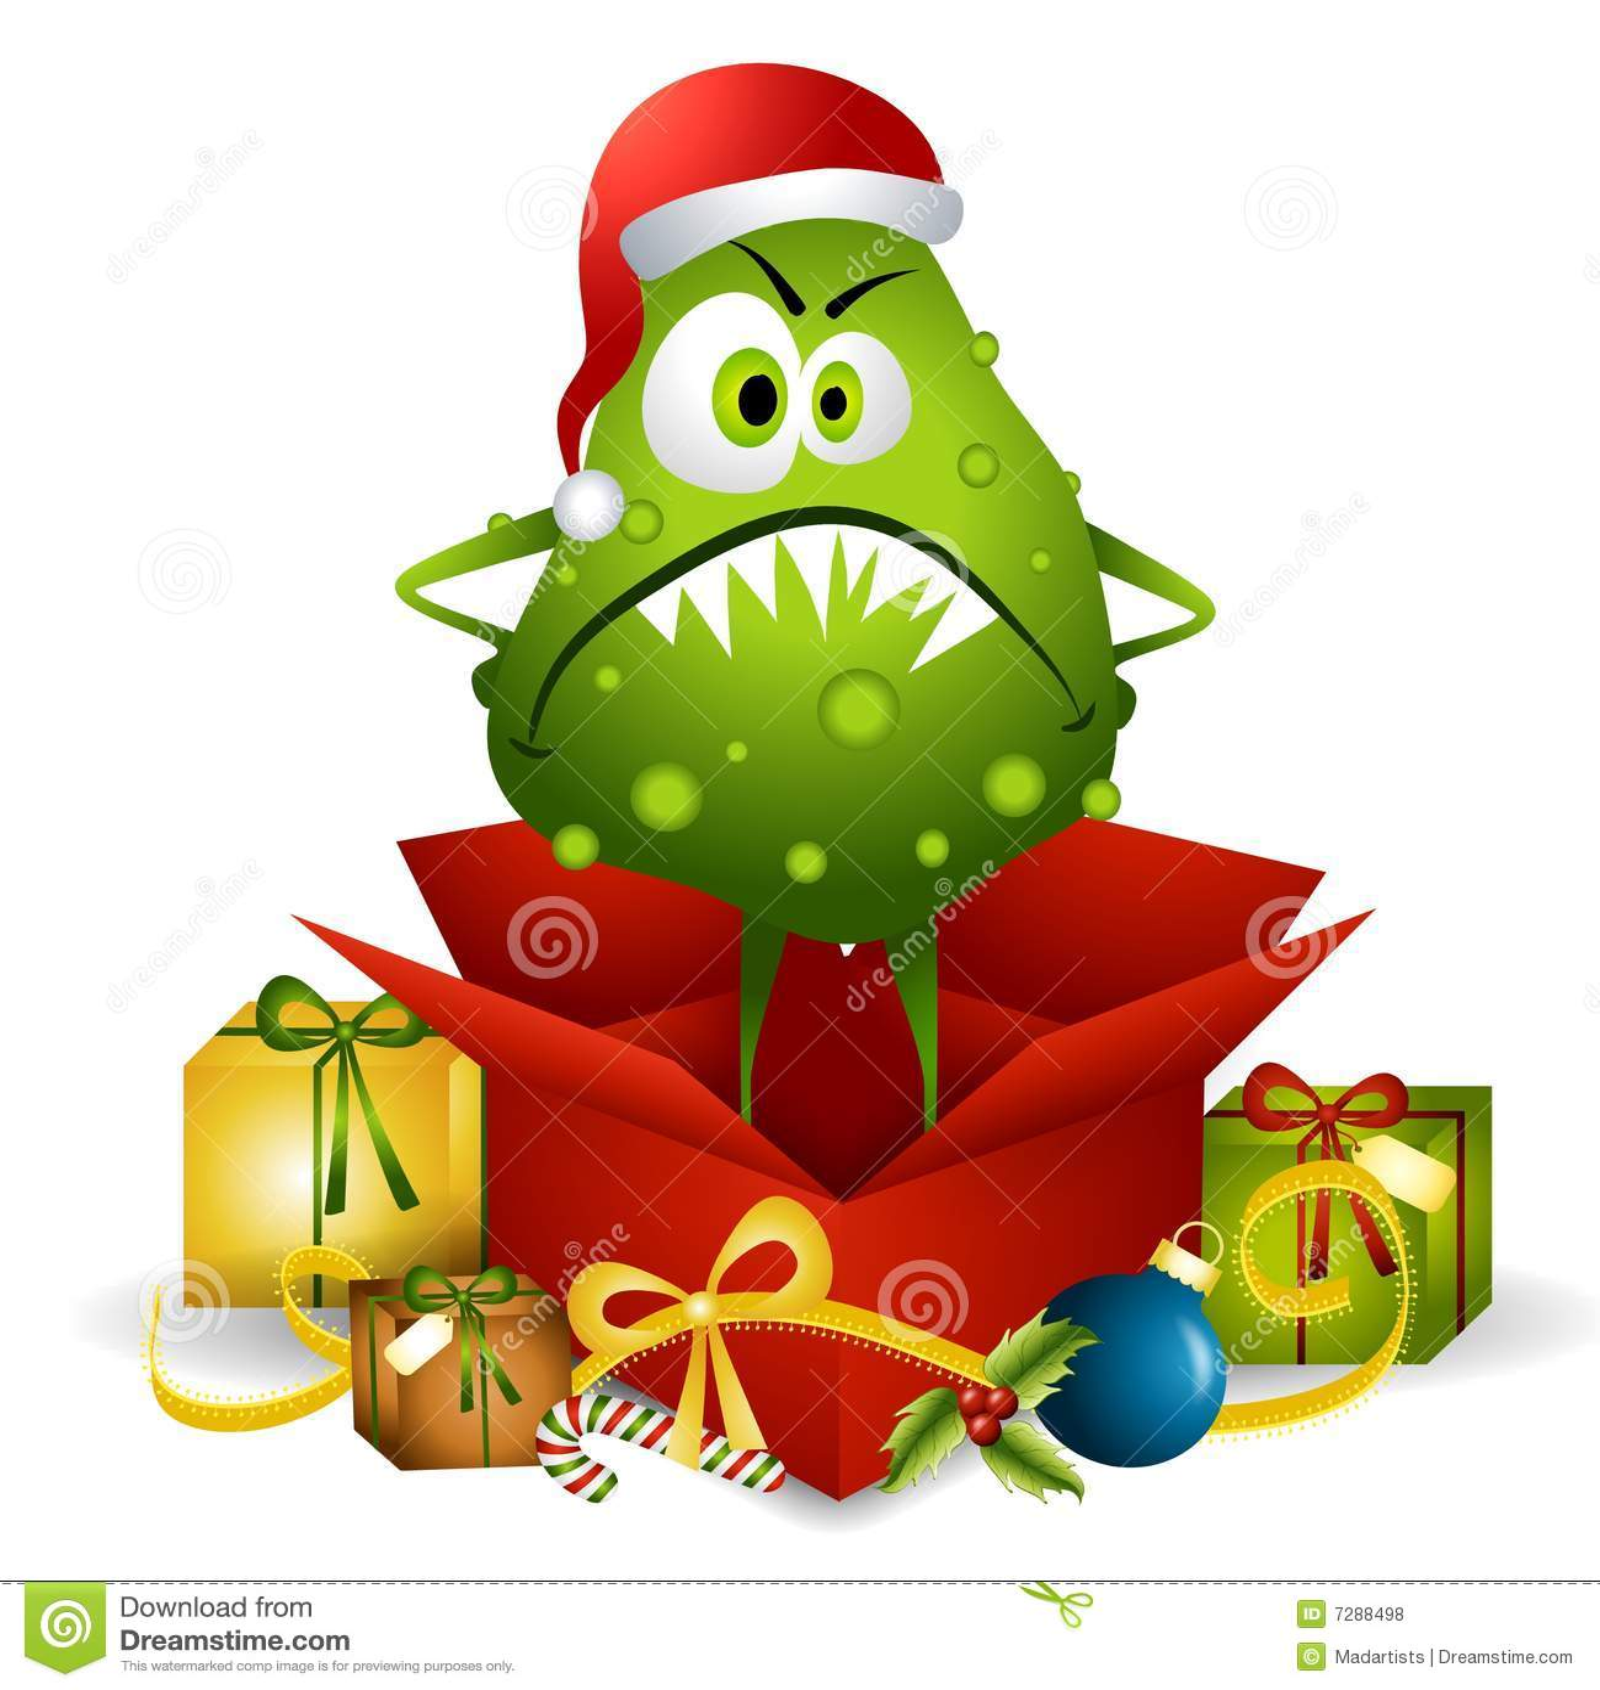 Flu bug christmas present royalty free stock photos image 7288498